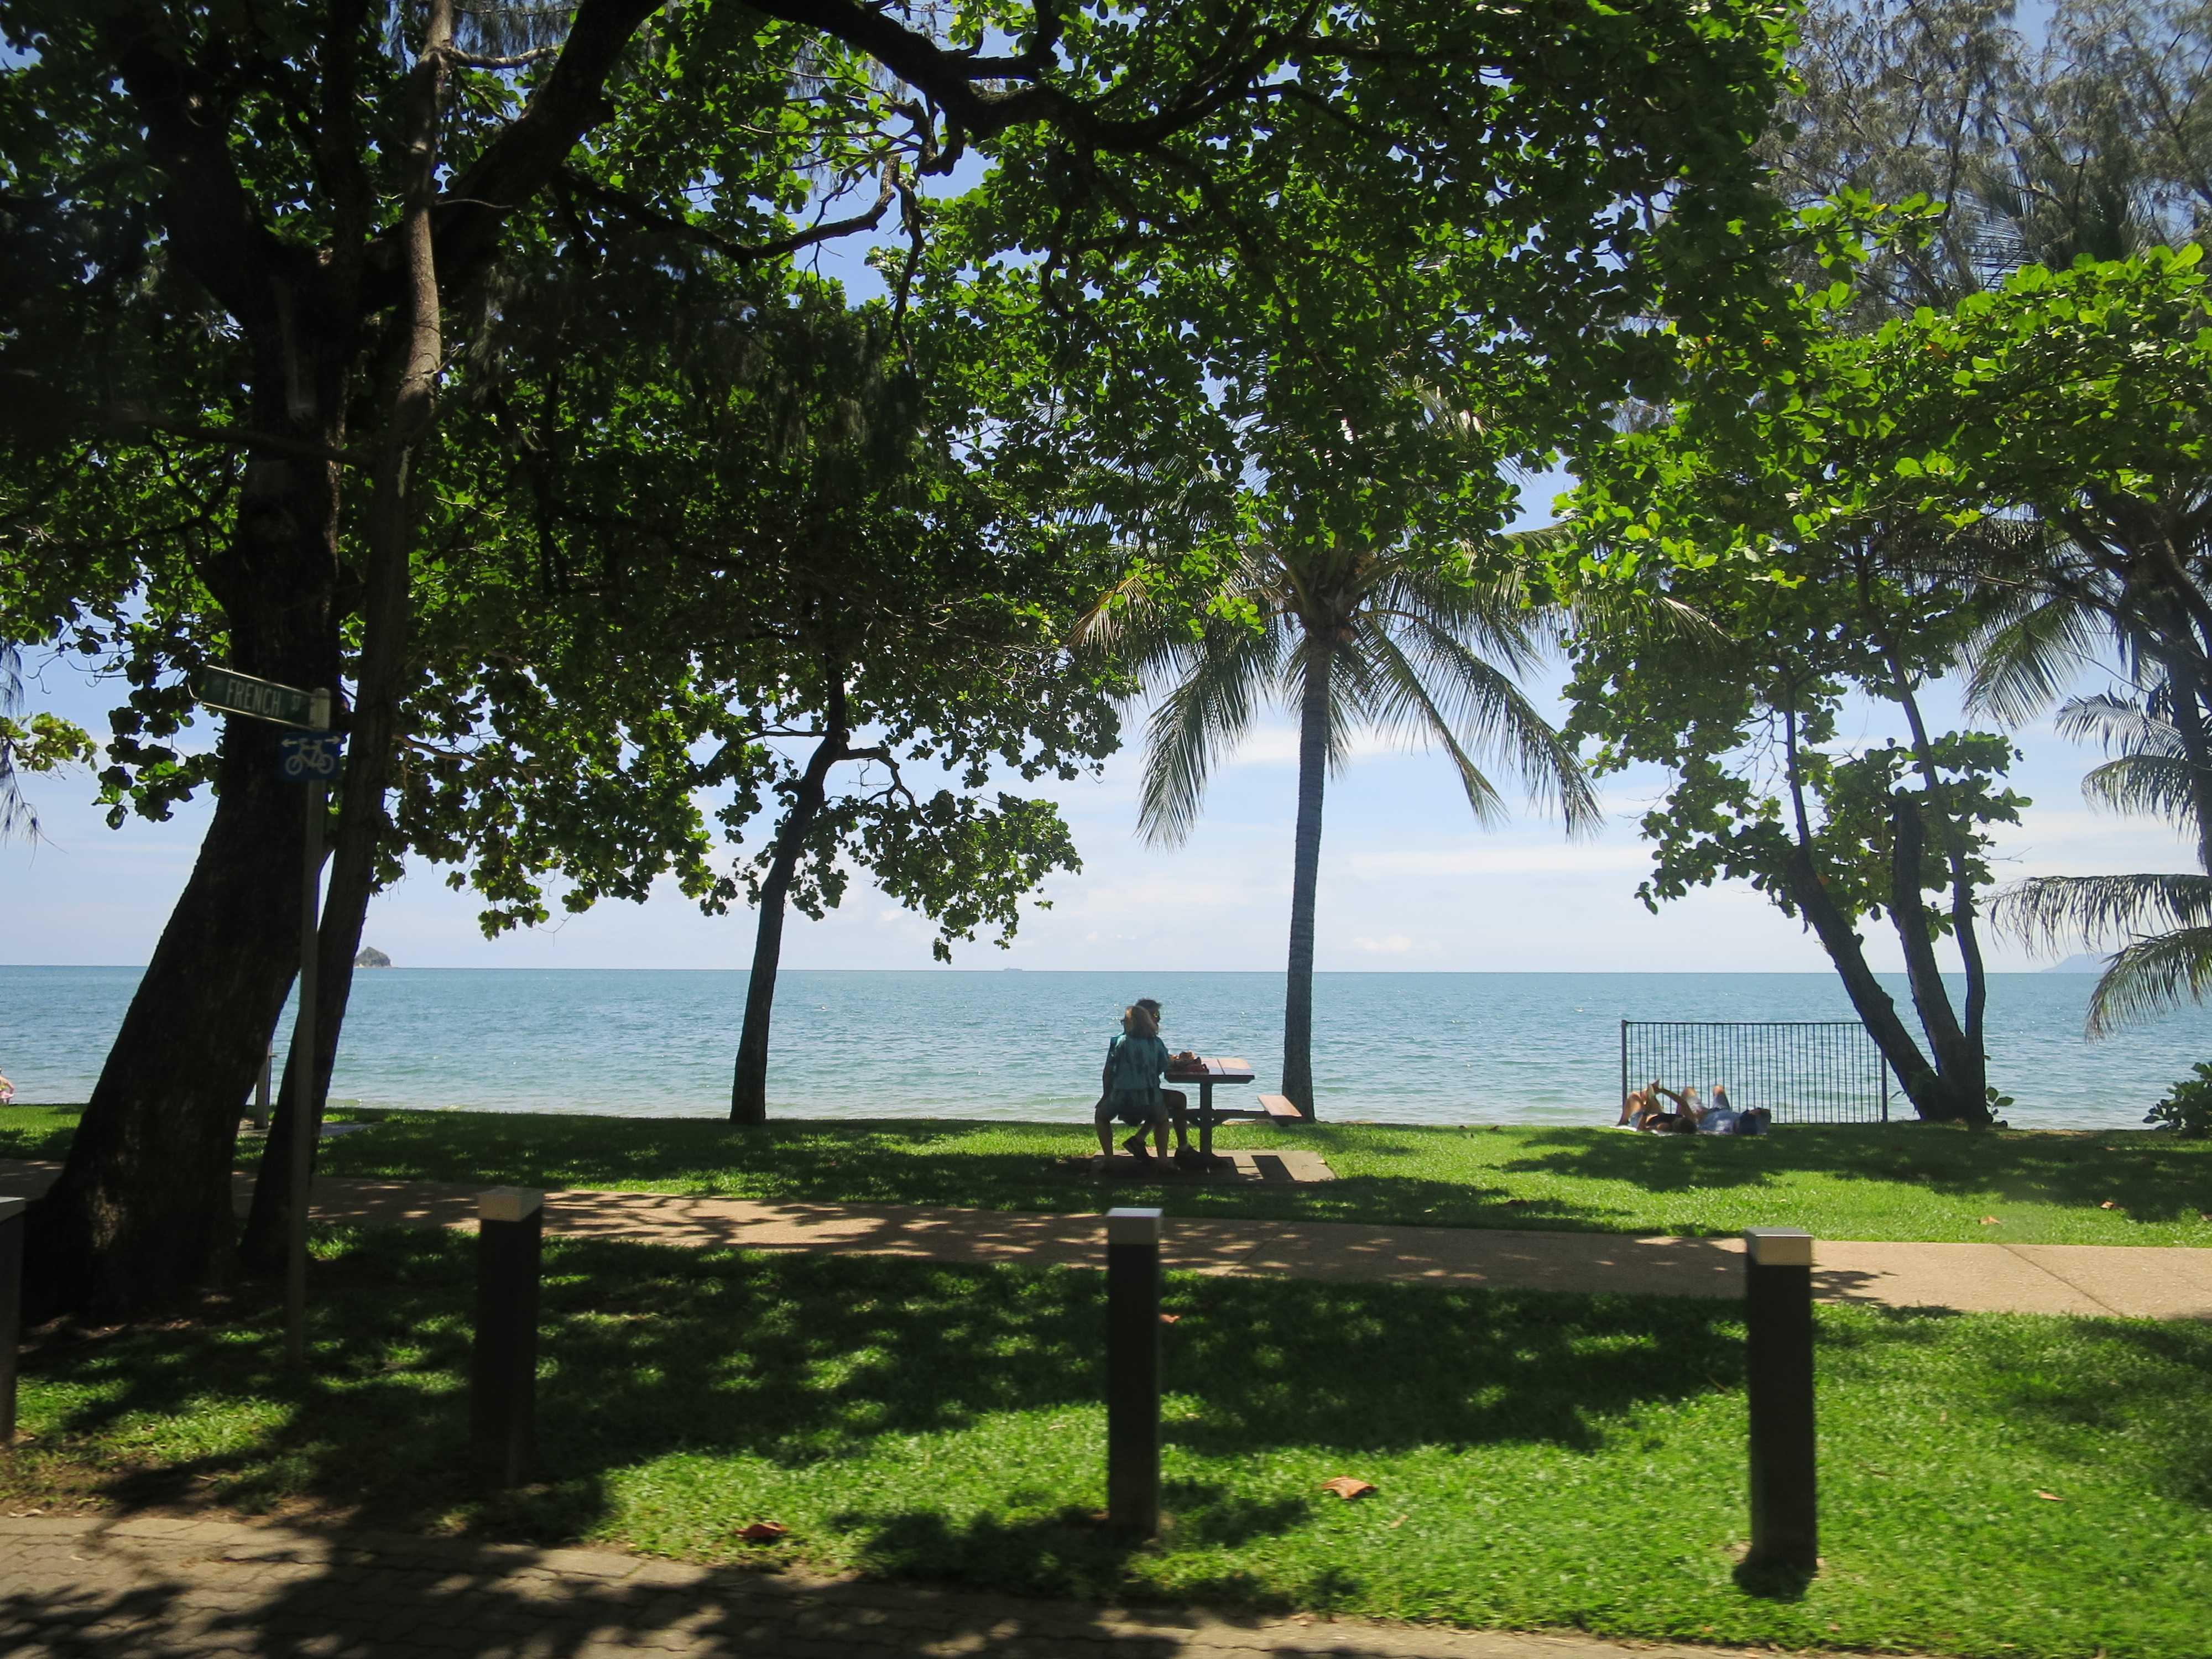 ケアンズ郊外のパームコーブビーチ